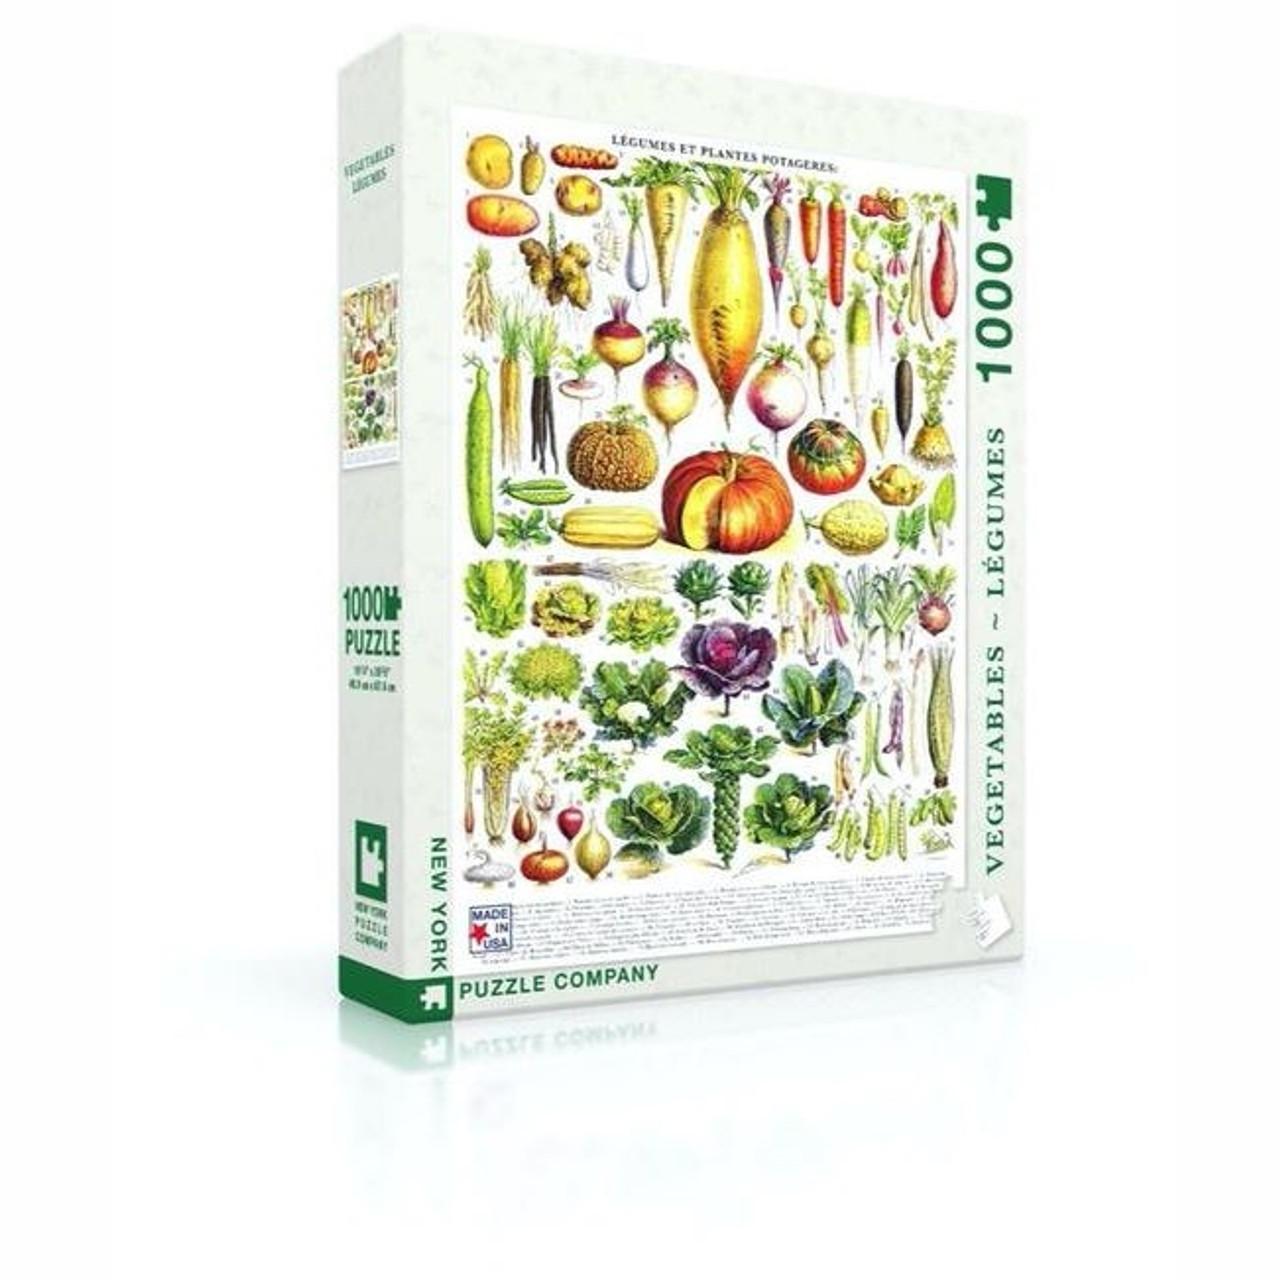 Puzzle - Vegetables - 1000 pieces